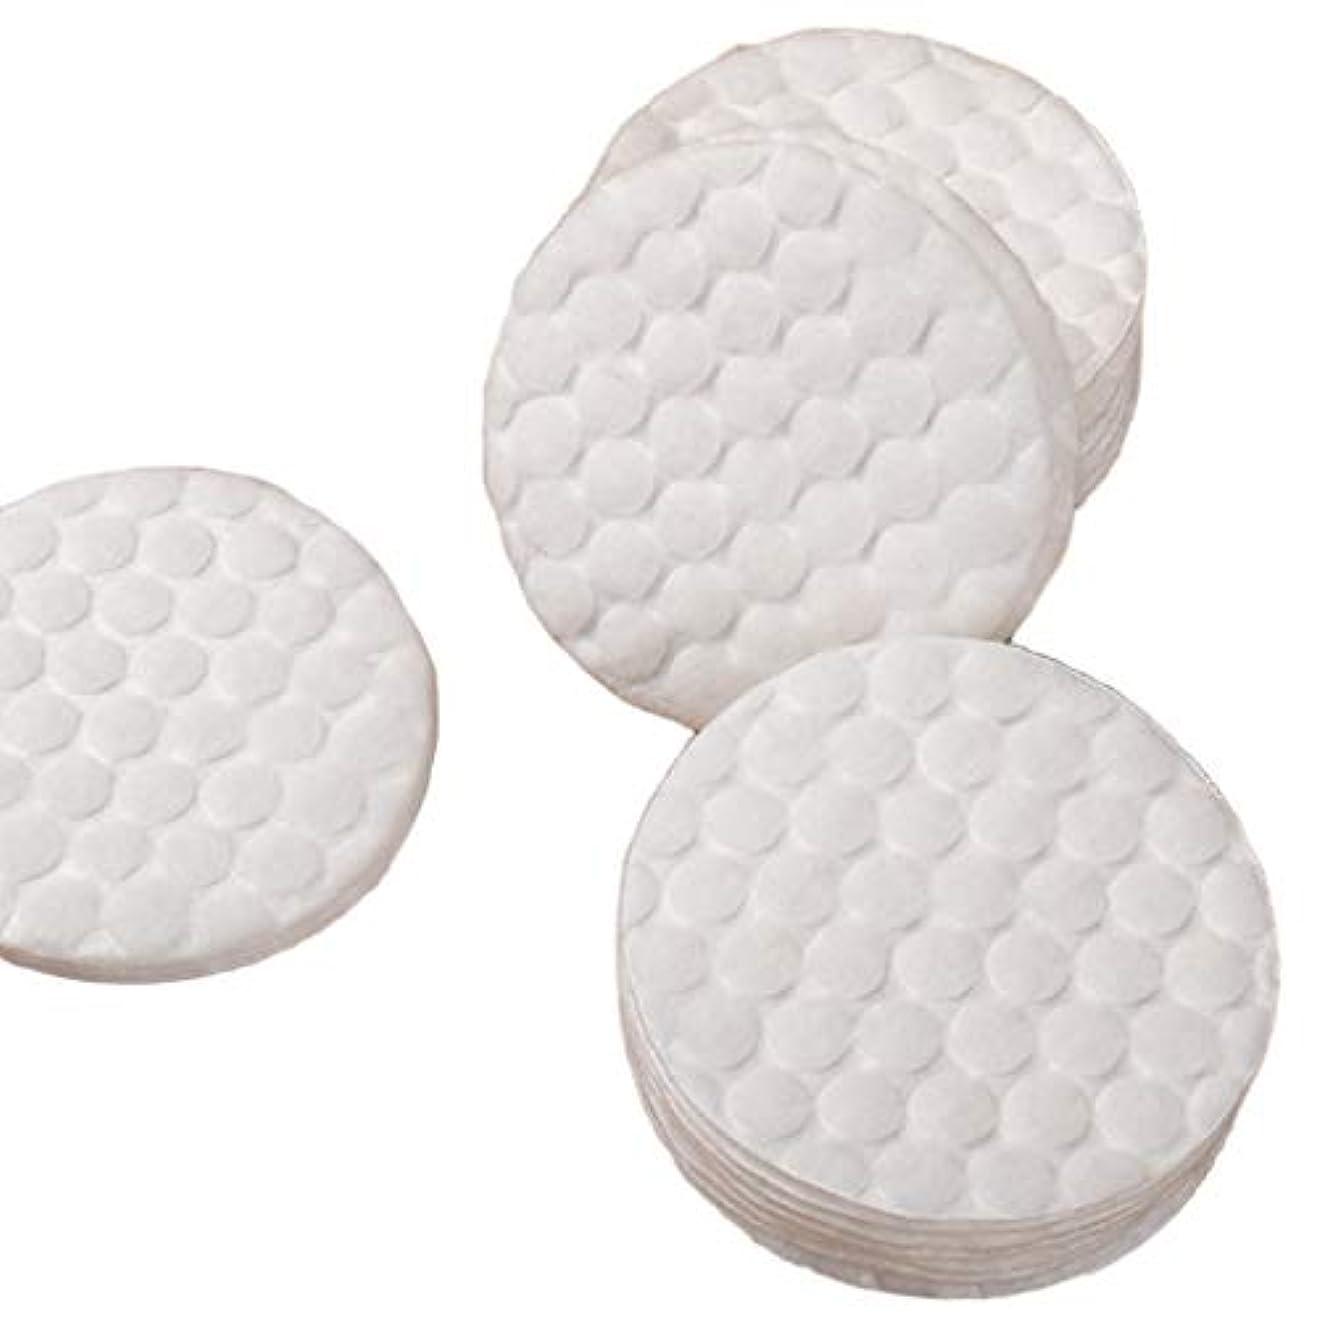 クレンジングシート 60個/バッグメイク落としコットンパッド洗えるワイプクレンジングオイルスキンケアフェイシャルケアメイクアップ化粧品ワイプ (Color : White)